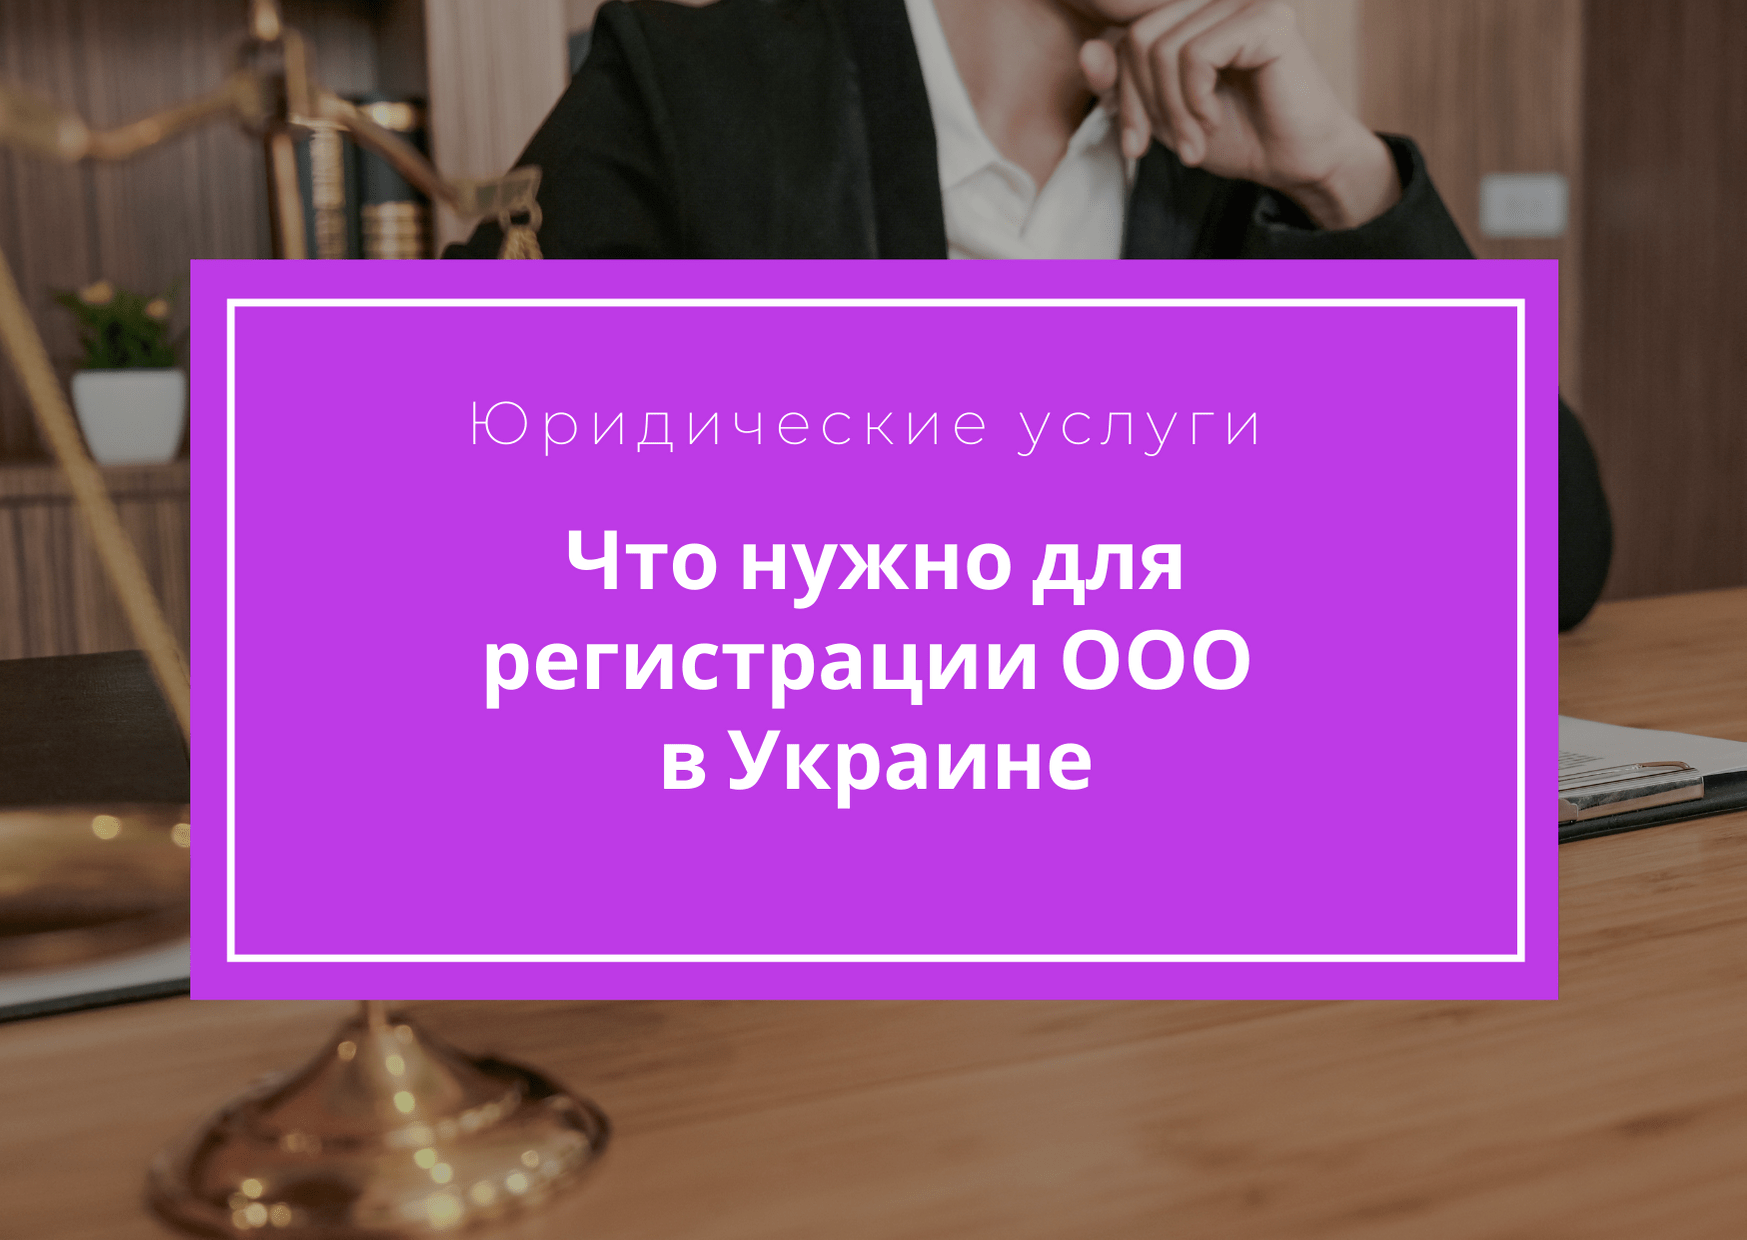 Что нужно для регистрации ООО в Украине